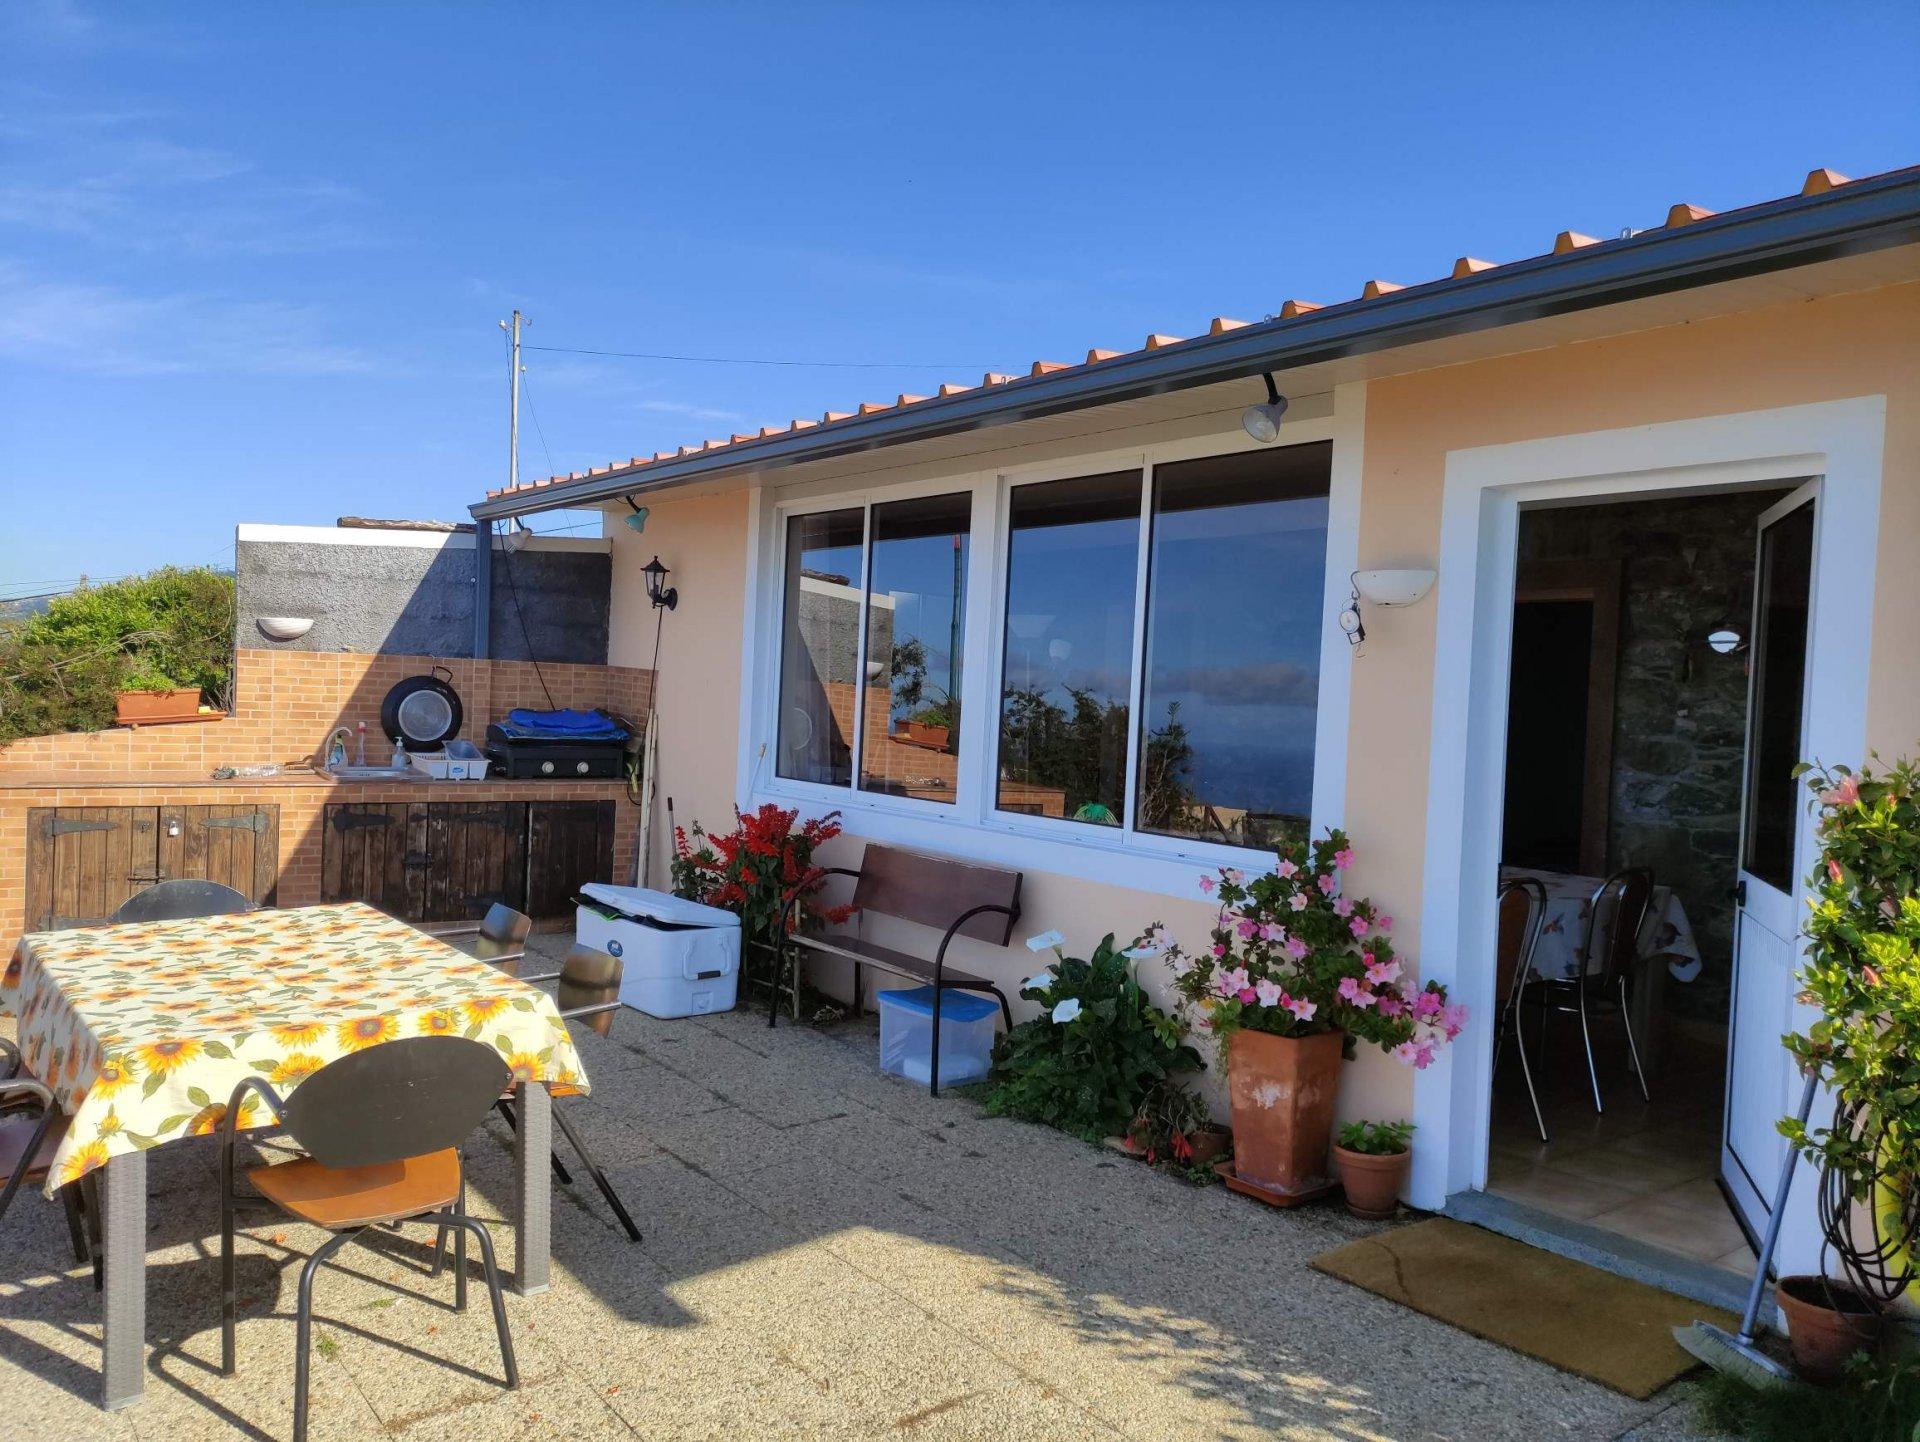 Casa recente com vista panorâmica para o mar.